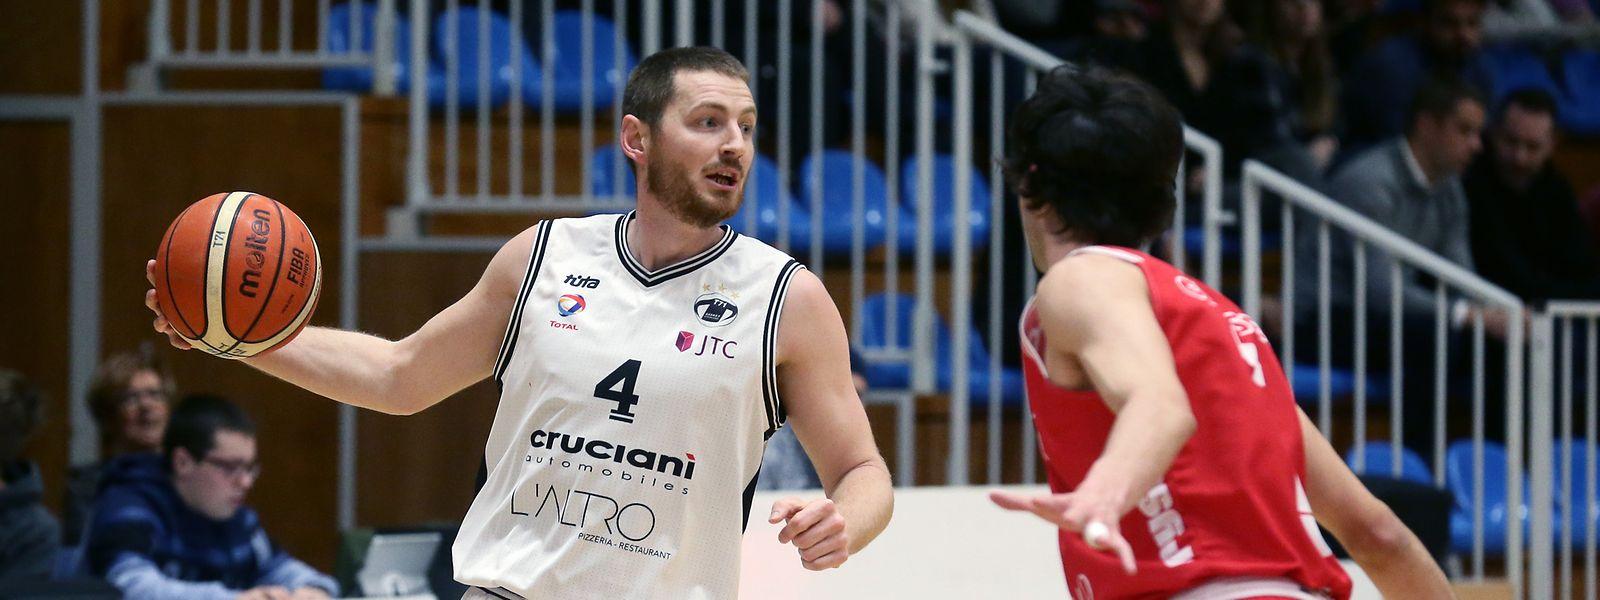 Basketballfans können sich die Duelle zwischen Tom Schumacher (l., T71) und Gaëtan Bernimont (Racing) ab nächster Saison auch von zu Hause aus ansehen.